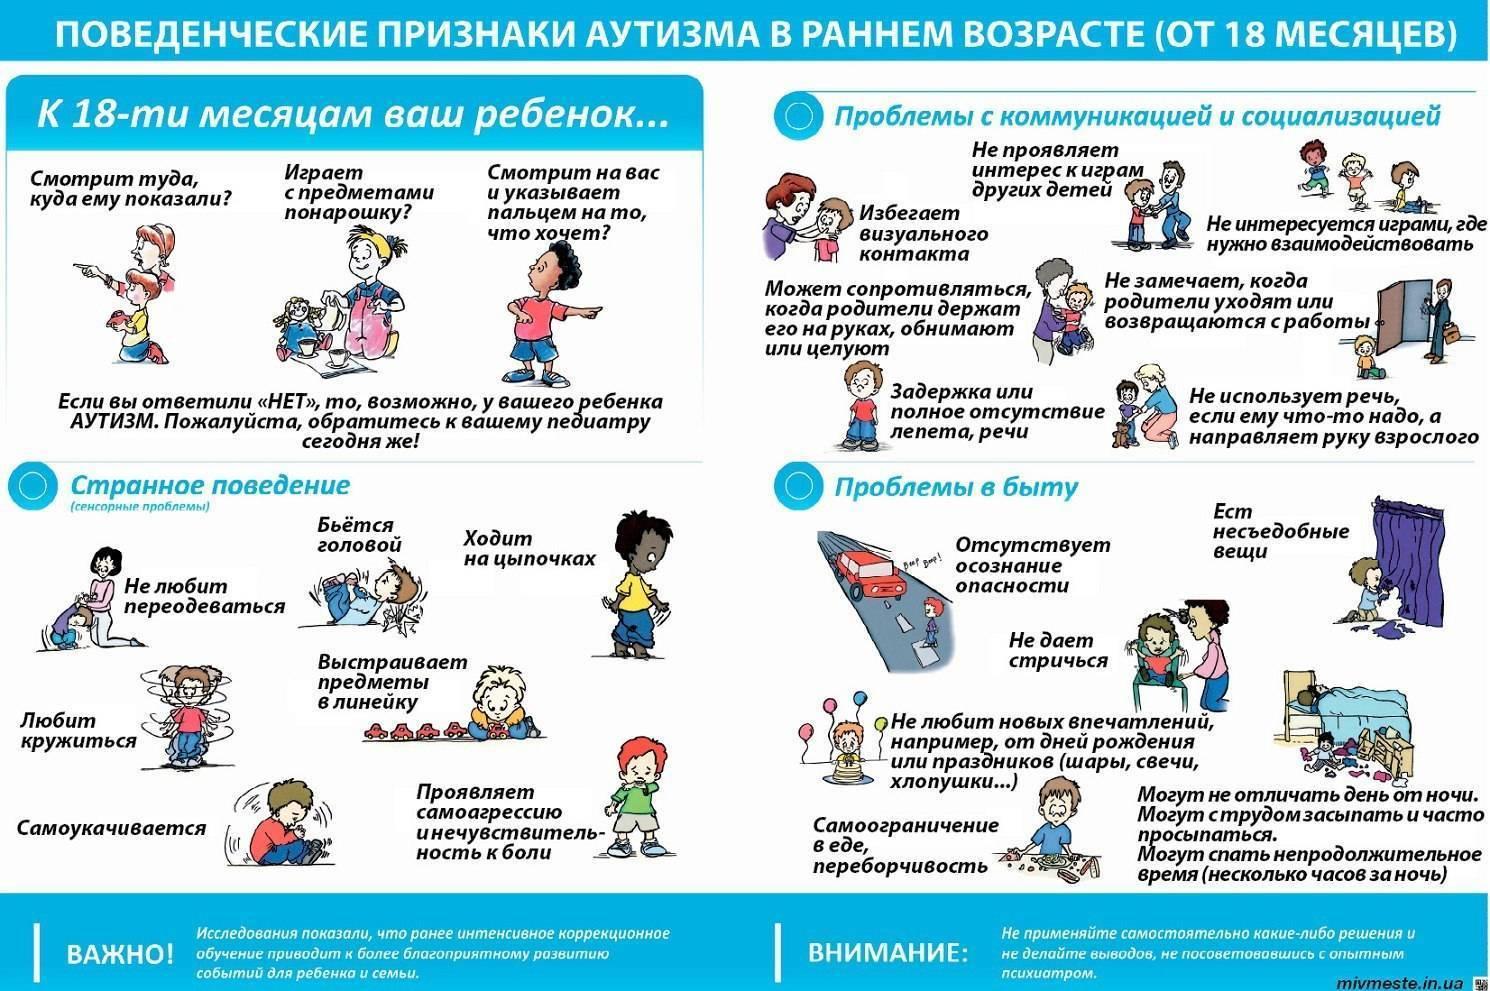 аутизм симптомы у новорожденных